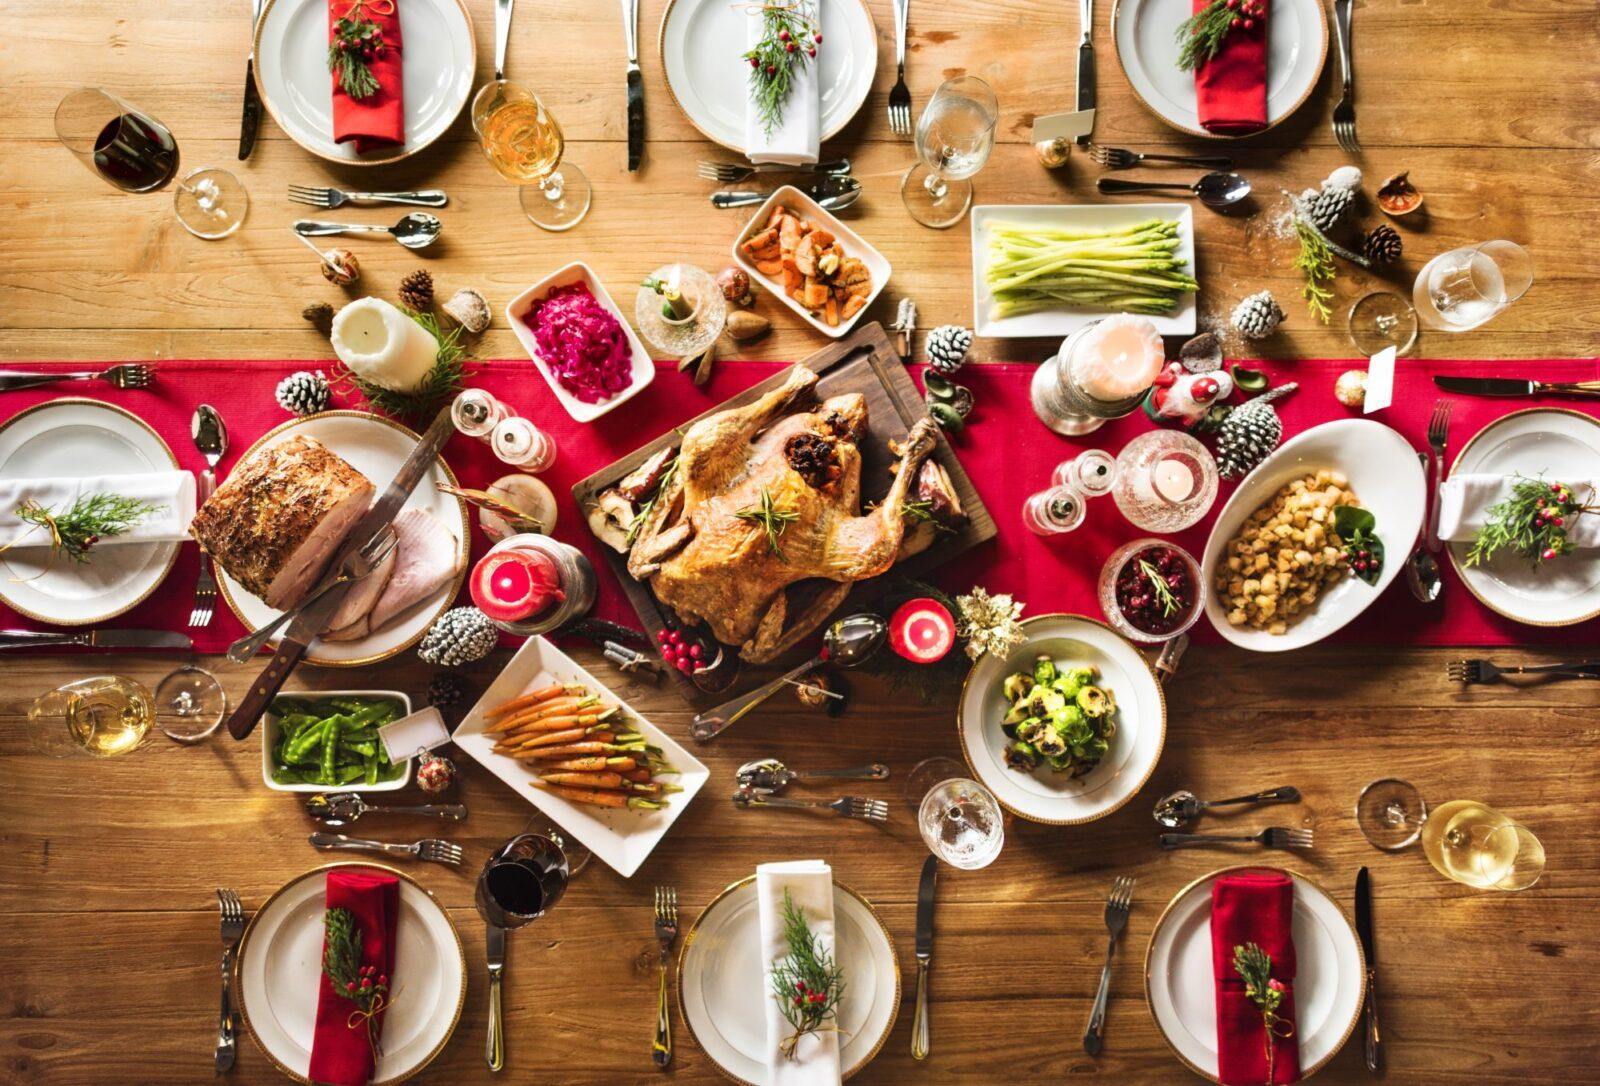 Glücklich, gesättigt und gesund durch die Weihnachtszeit